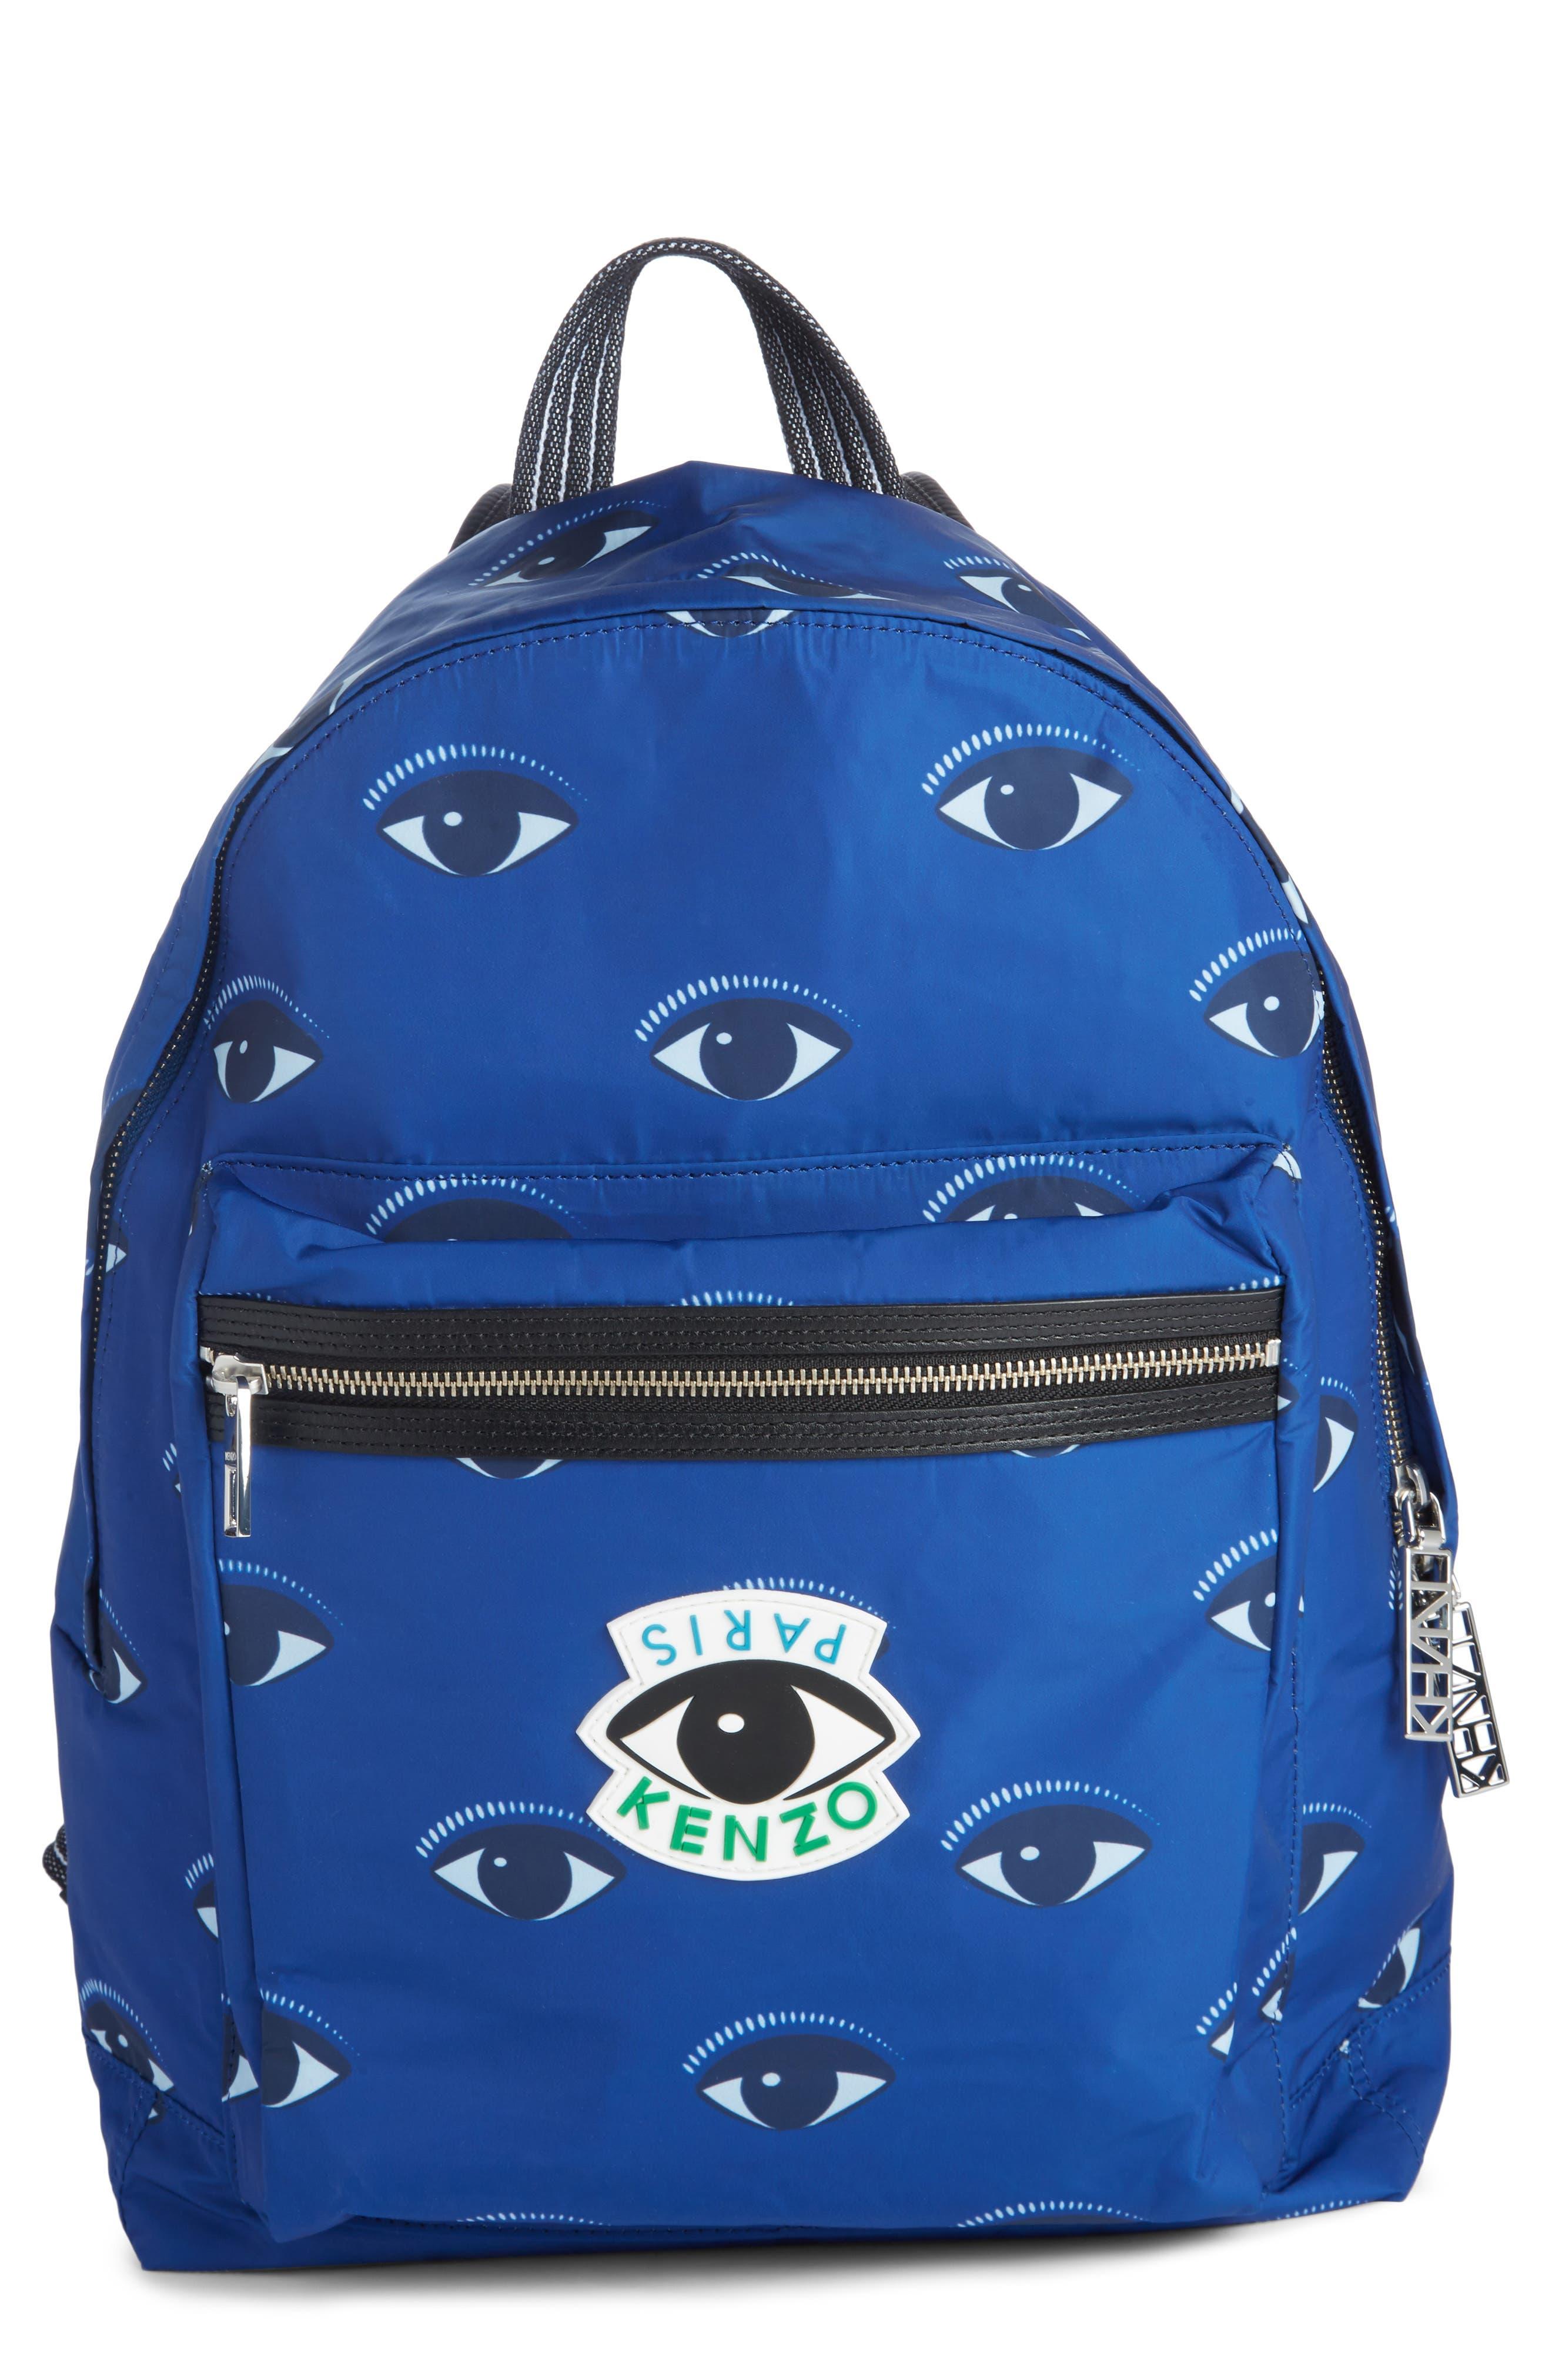 'Eyes' Nylon Backpack,                             Main thumbnail 1, color,                             DEEP SEA BLUE